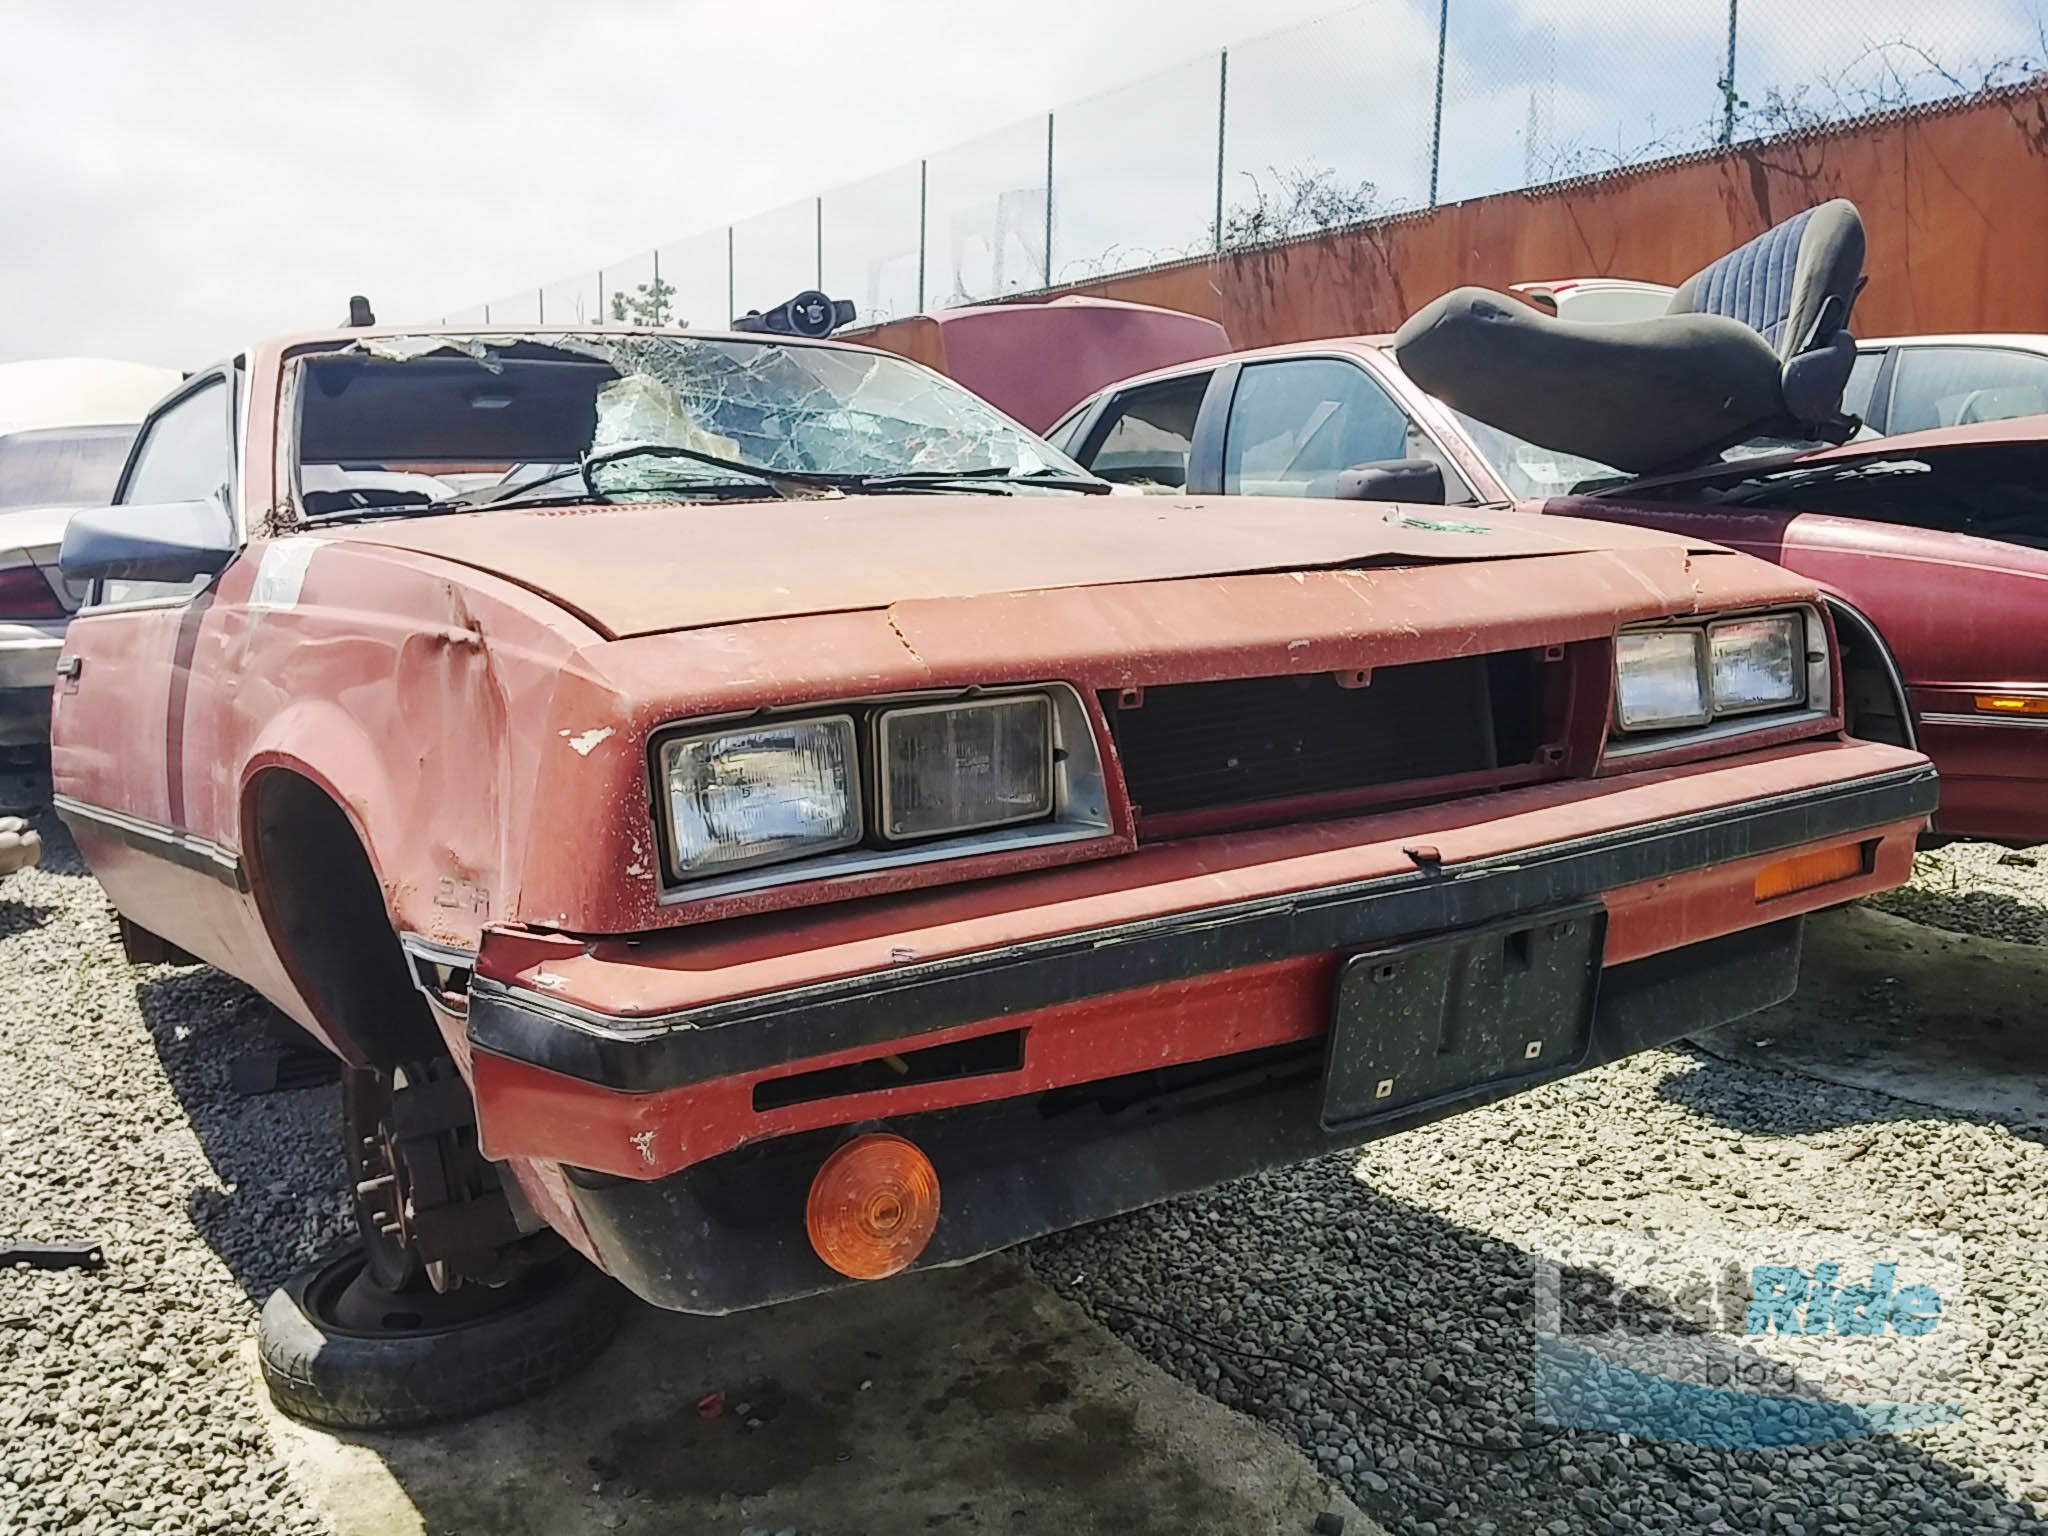 chevrolet_cavalier_hatchback_junkyard_br-11